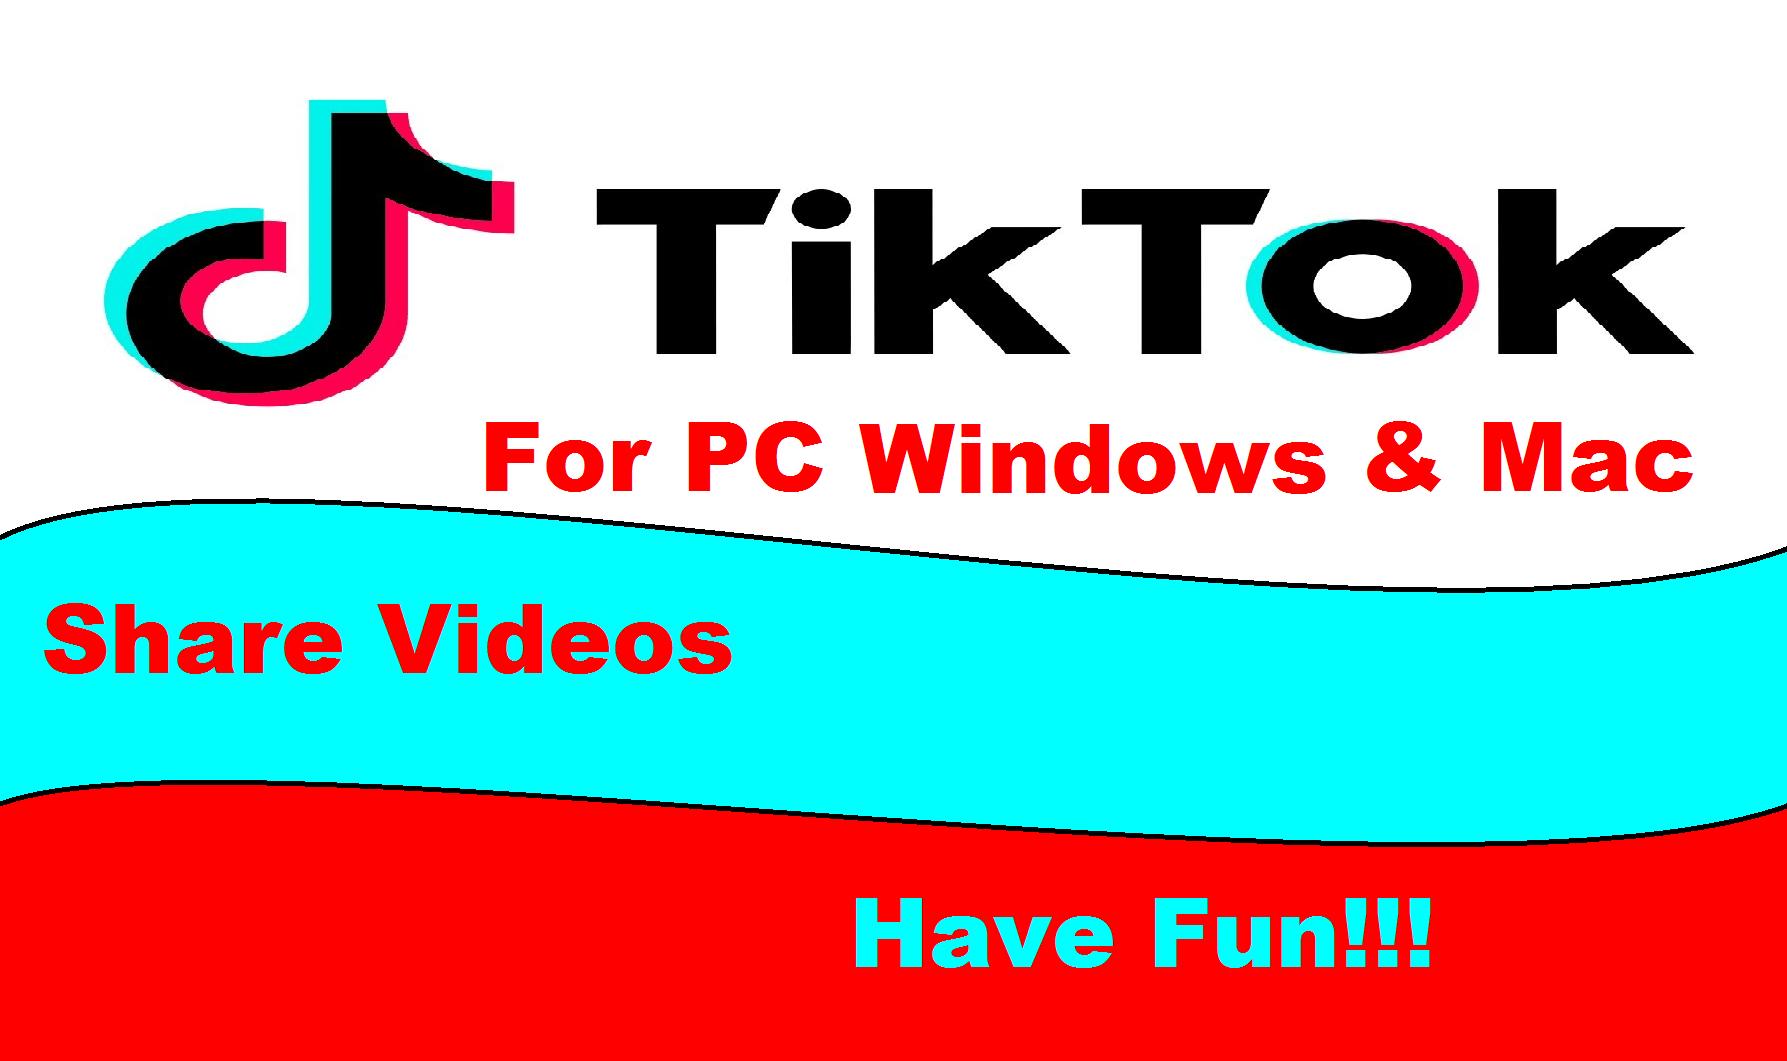 download-tik-tok-for-pc-windows-mac-tik-tok-app-free